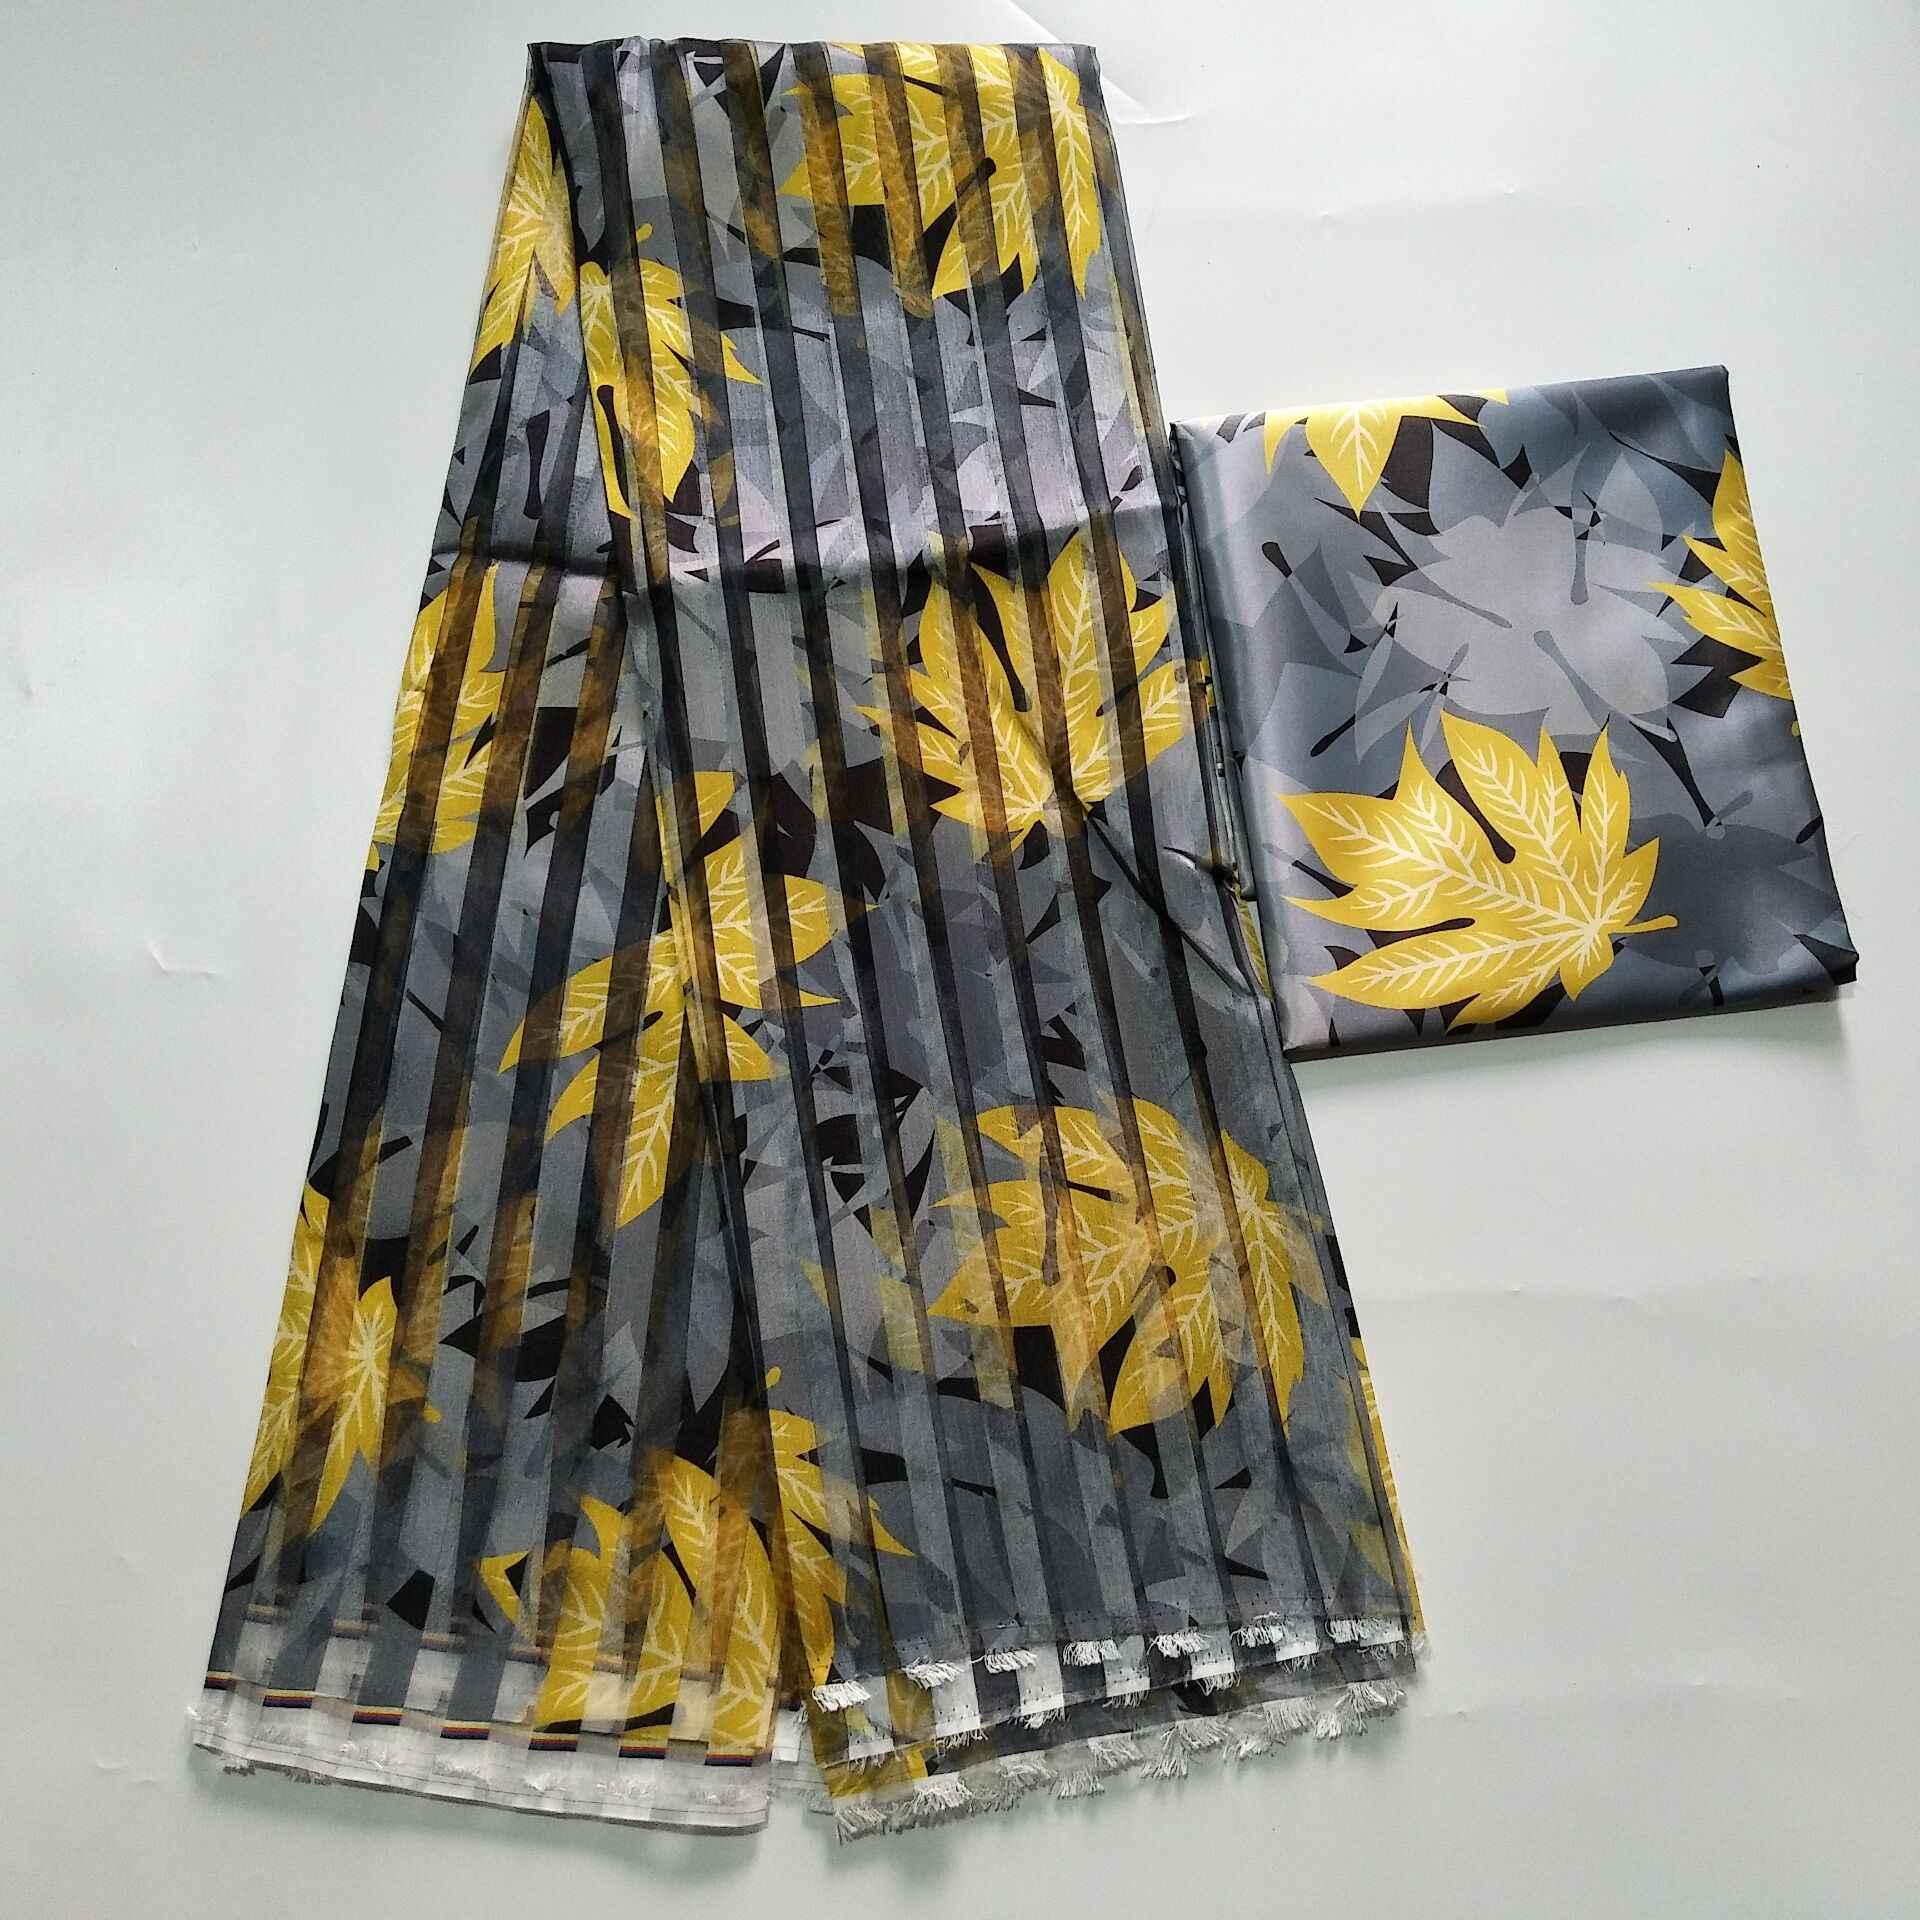 뜨거운 판매가 나 스타일 새틴 실크 직물 organza 리본 아프리카 왁 스 디자인 (dhl에 대 한 3pcs)! J52602